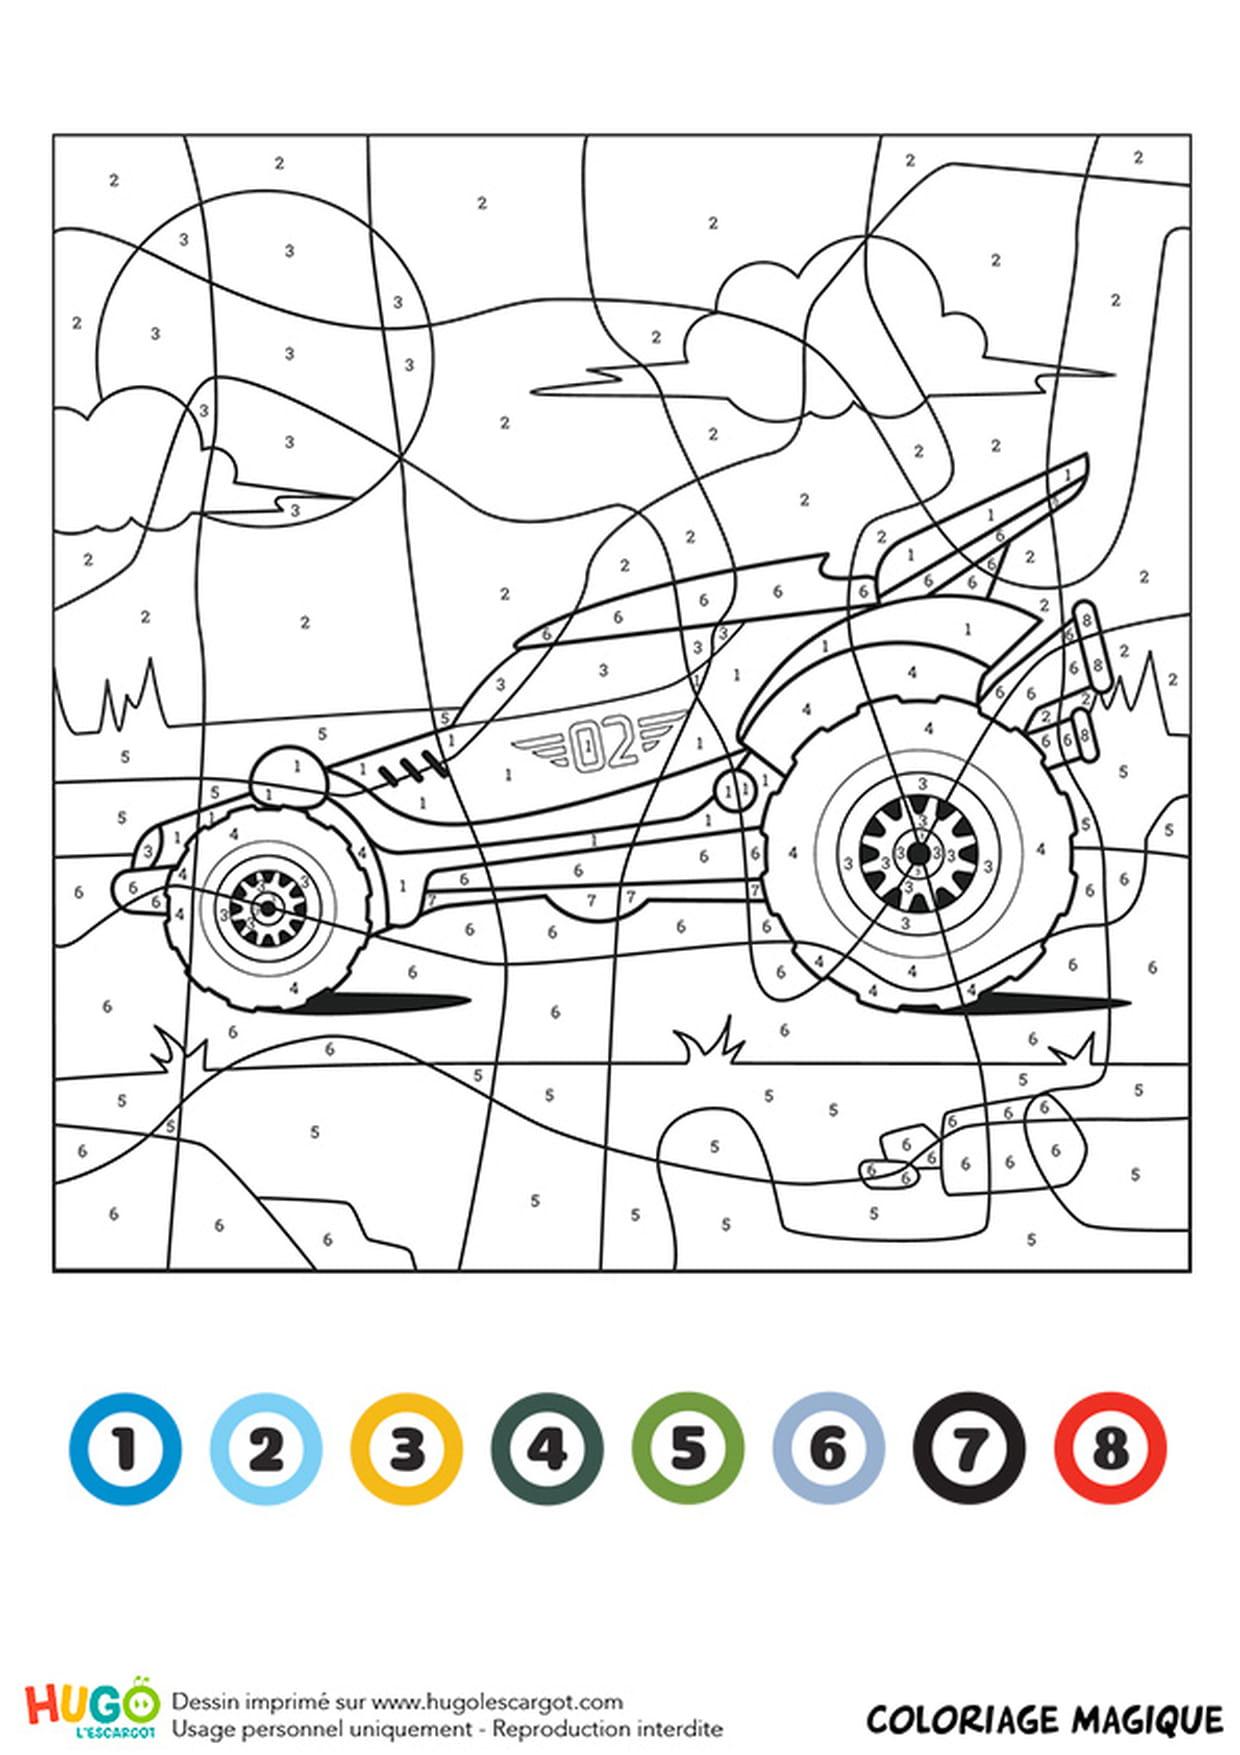 Coloriage Magique Ce1 : Un Buggy serapportantà Apprendre A Dessiner Une Voiture